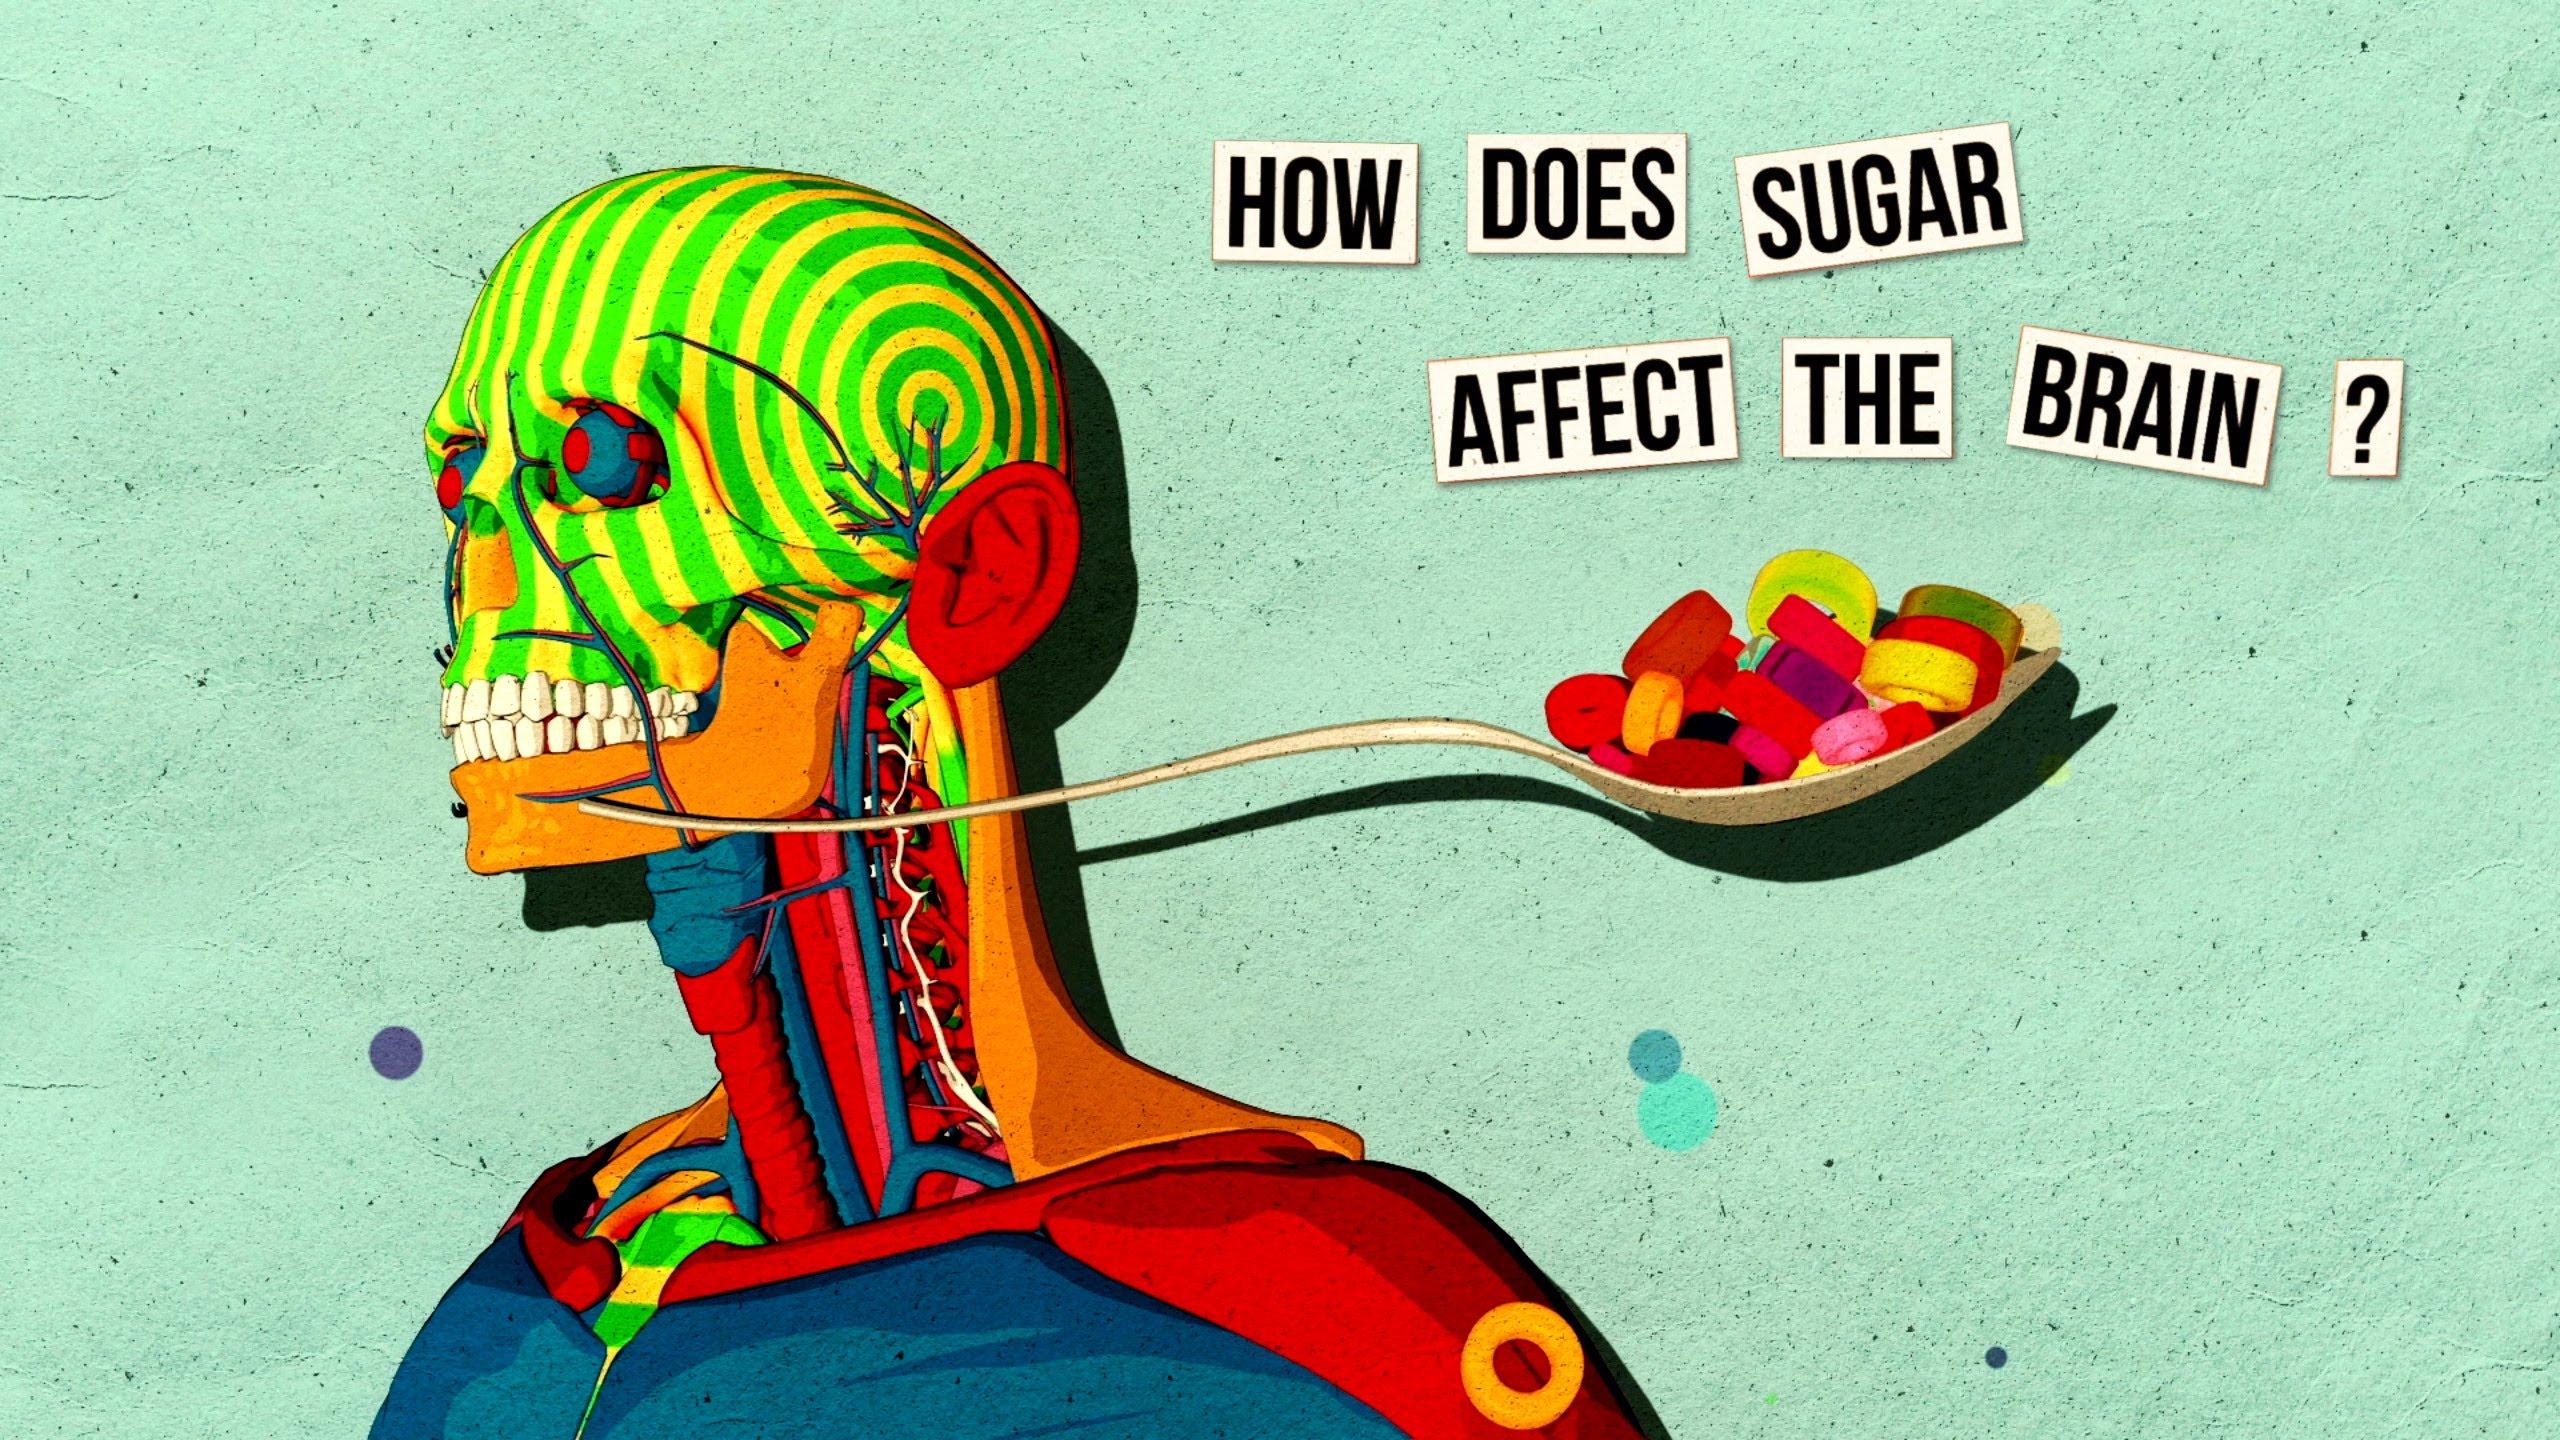 吃甜食好開心──糖如何影響頭腦?